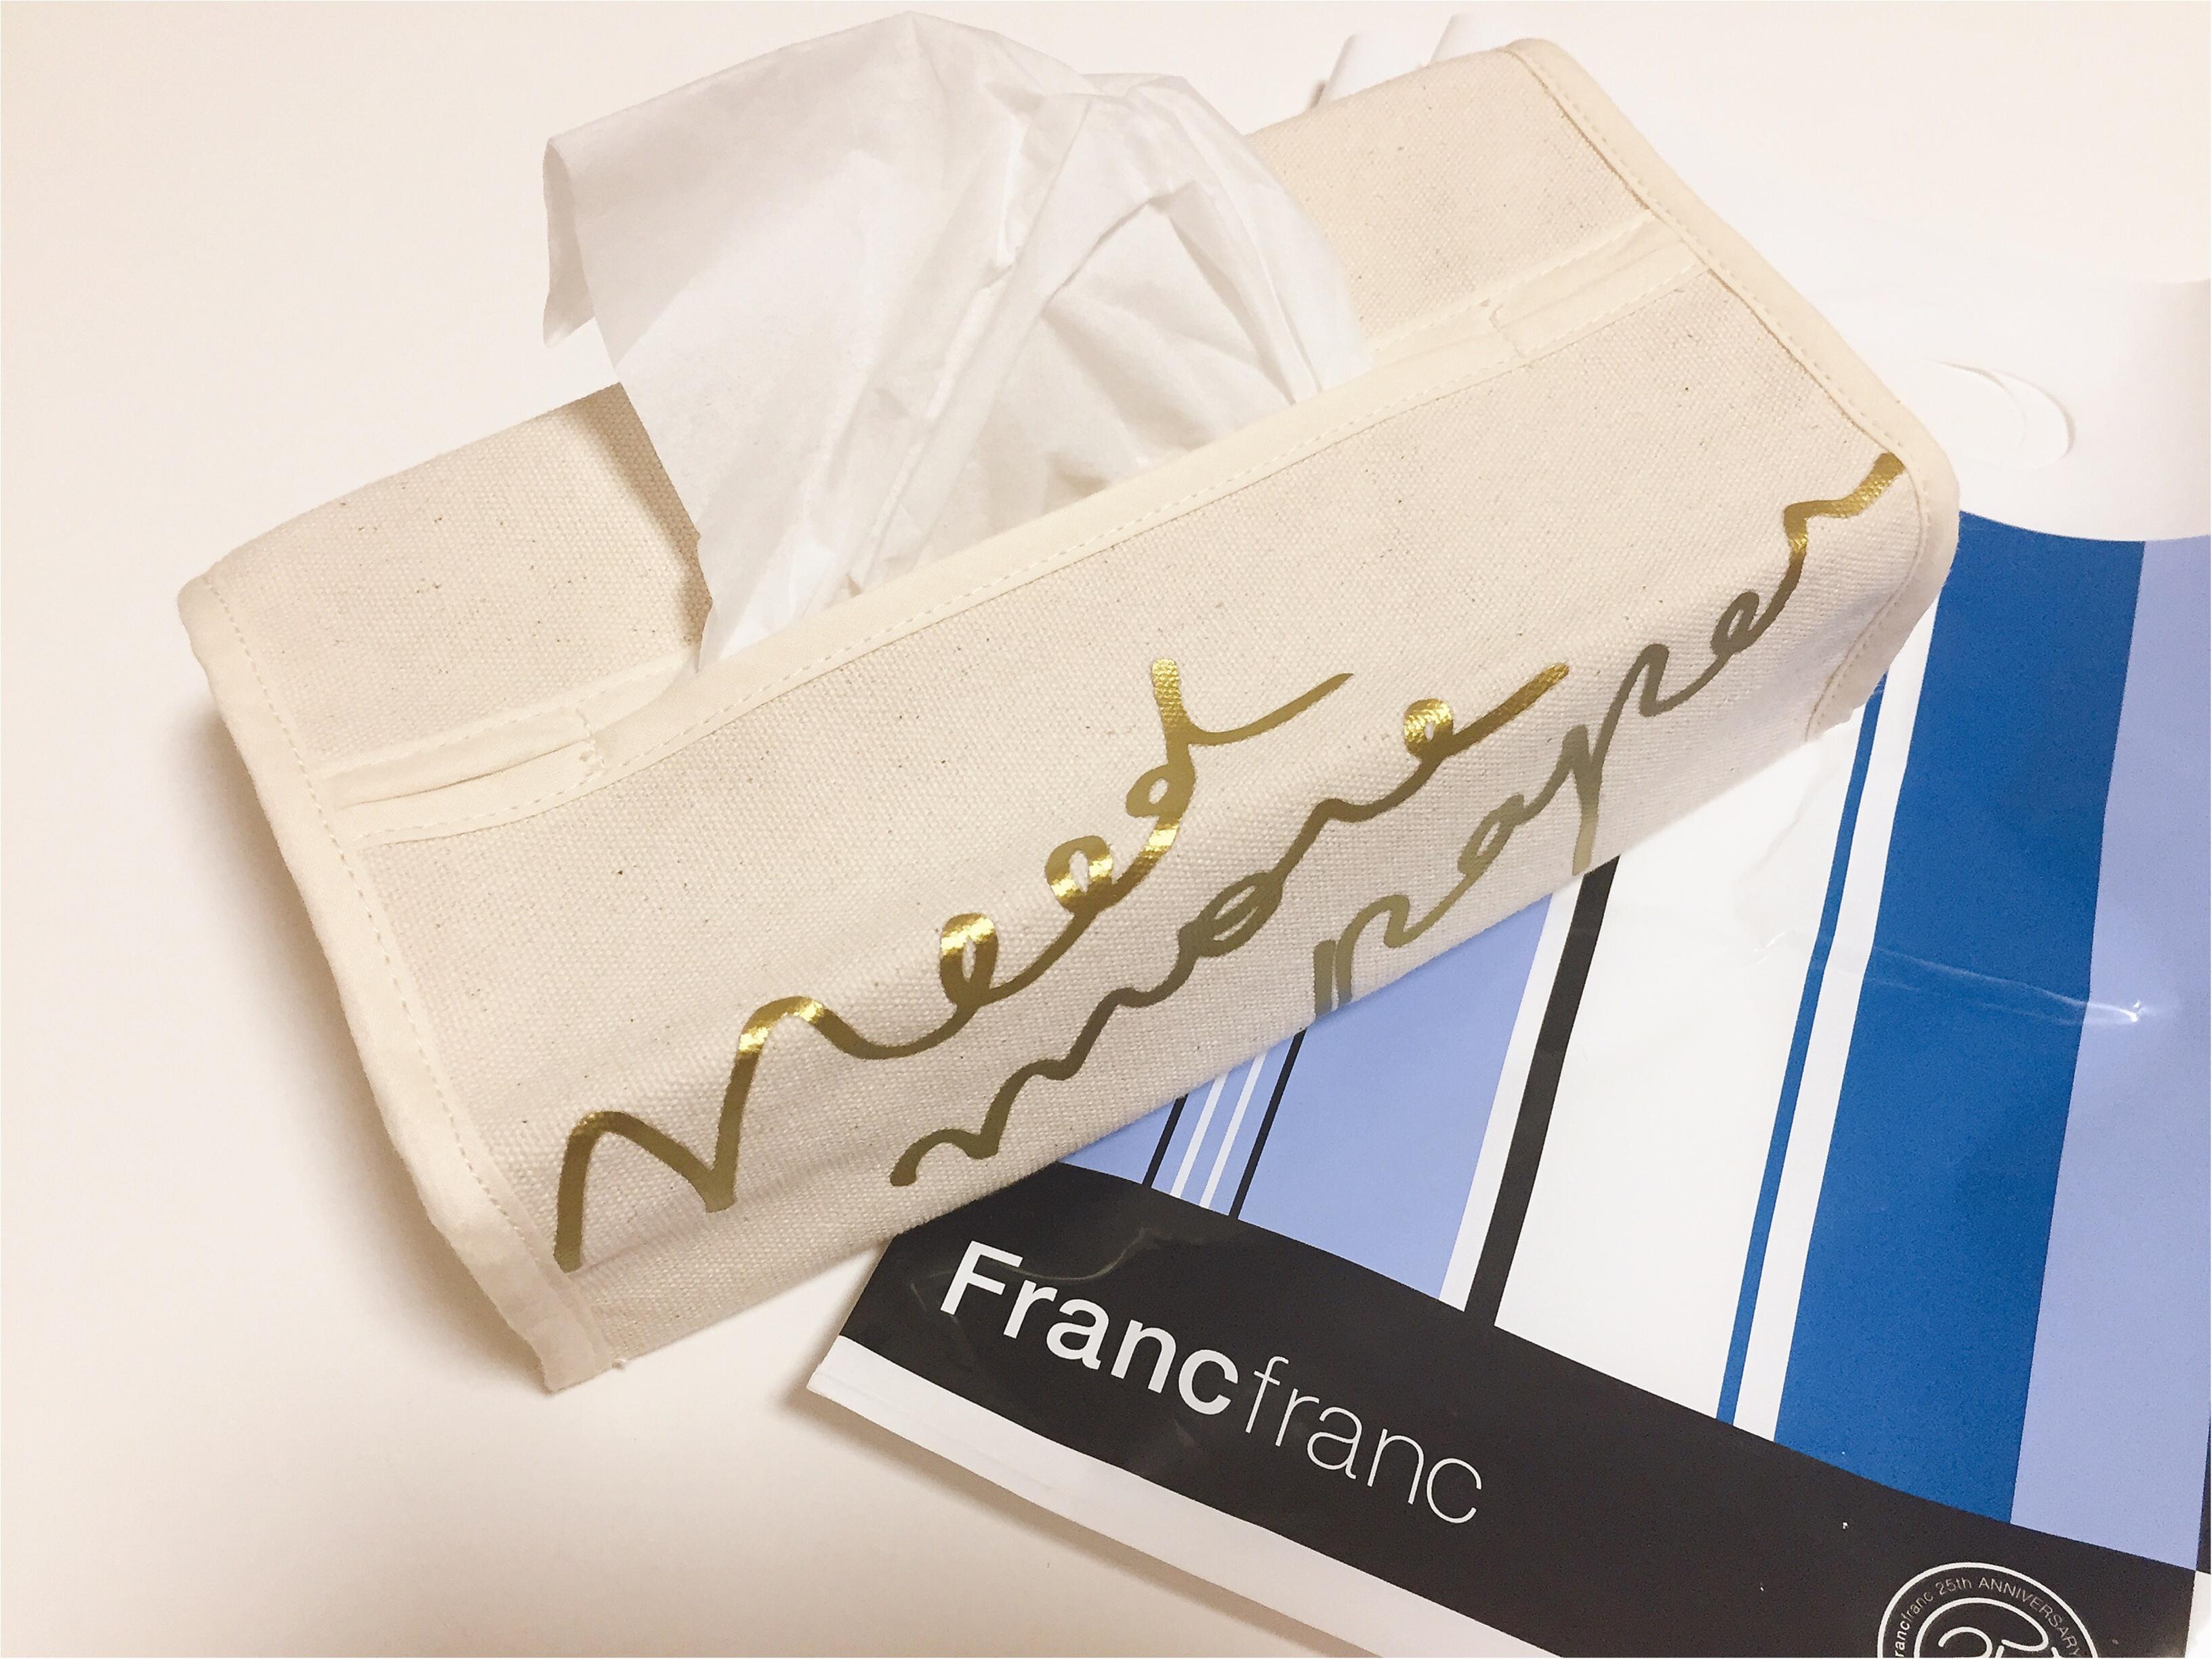 あなたのほしかった商品も20%OFFに?!新宿の『Francfranc(フランフラン)』に急げ〜!! _1